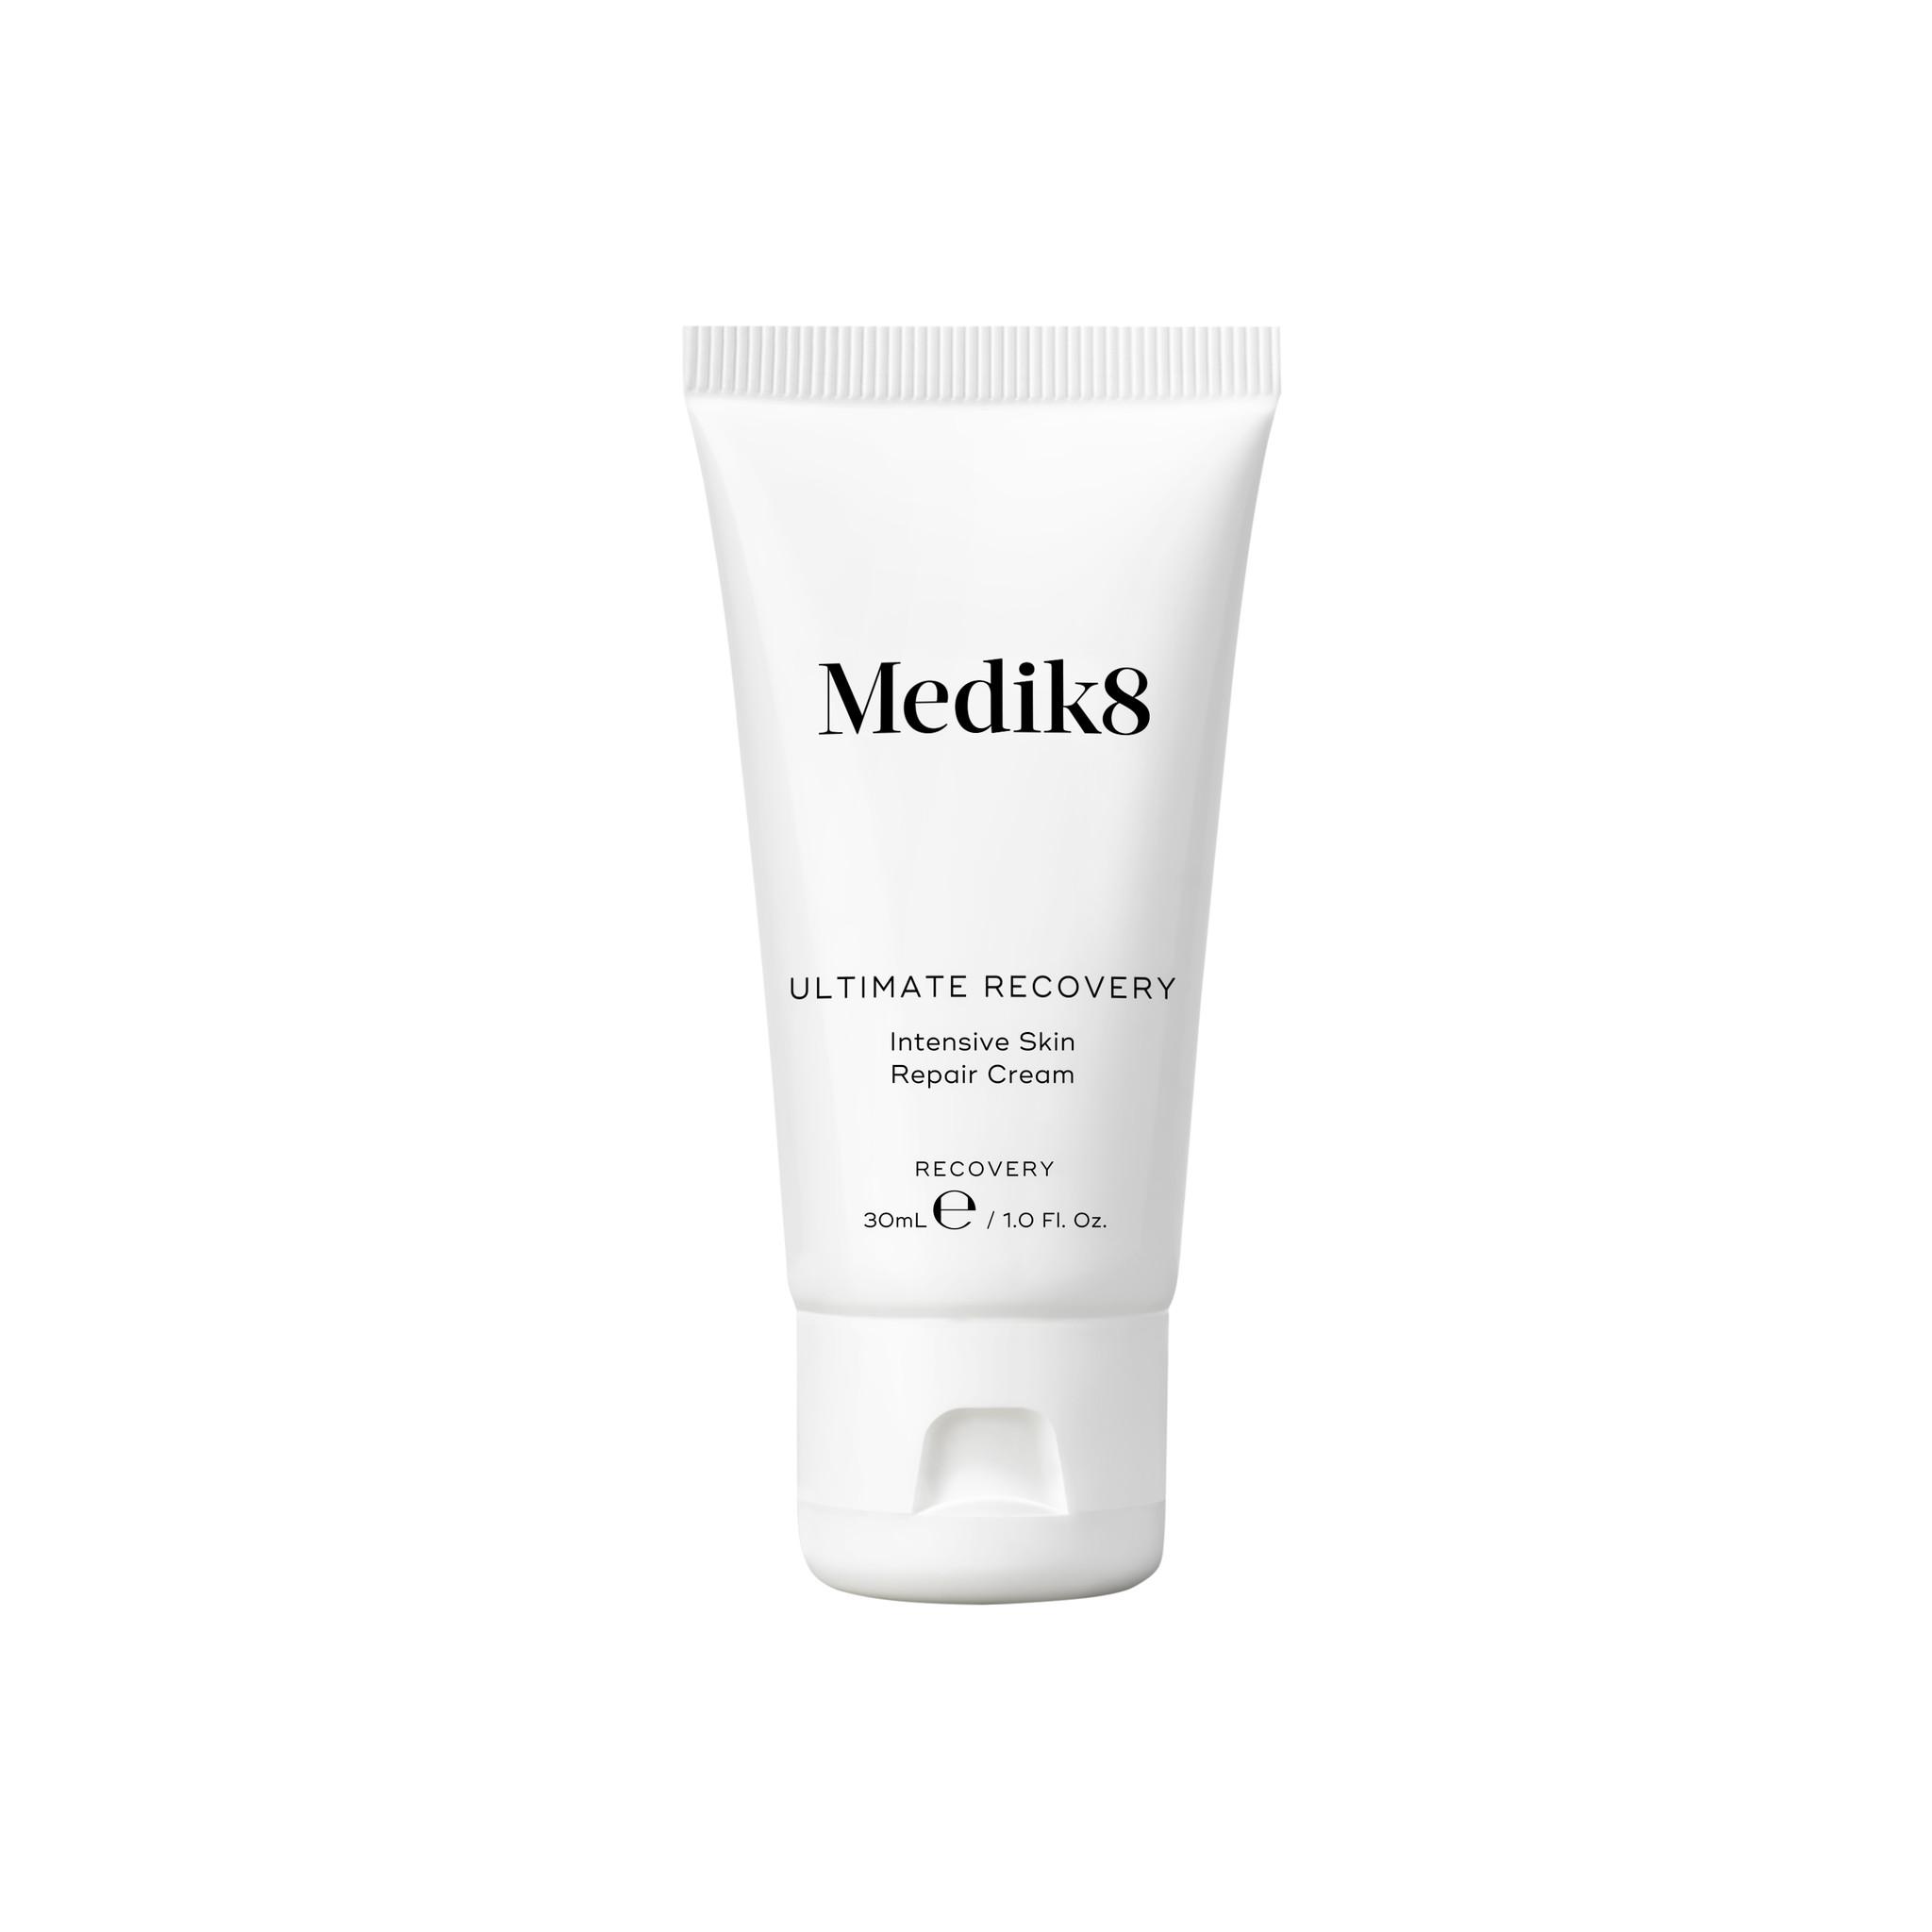 Medik8 Ultimate Recovery | Intensive Skin Repair Cream | 30ml